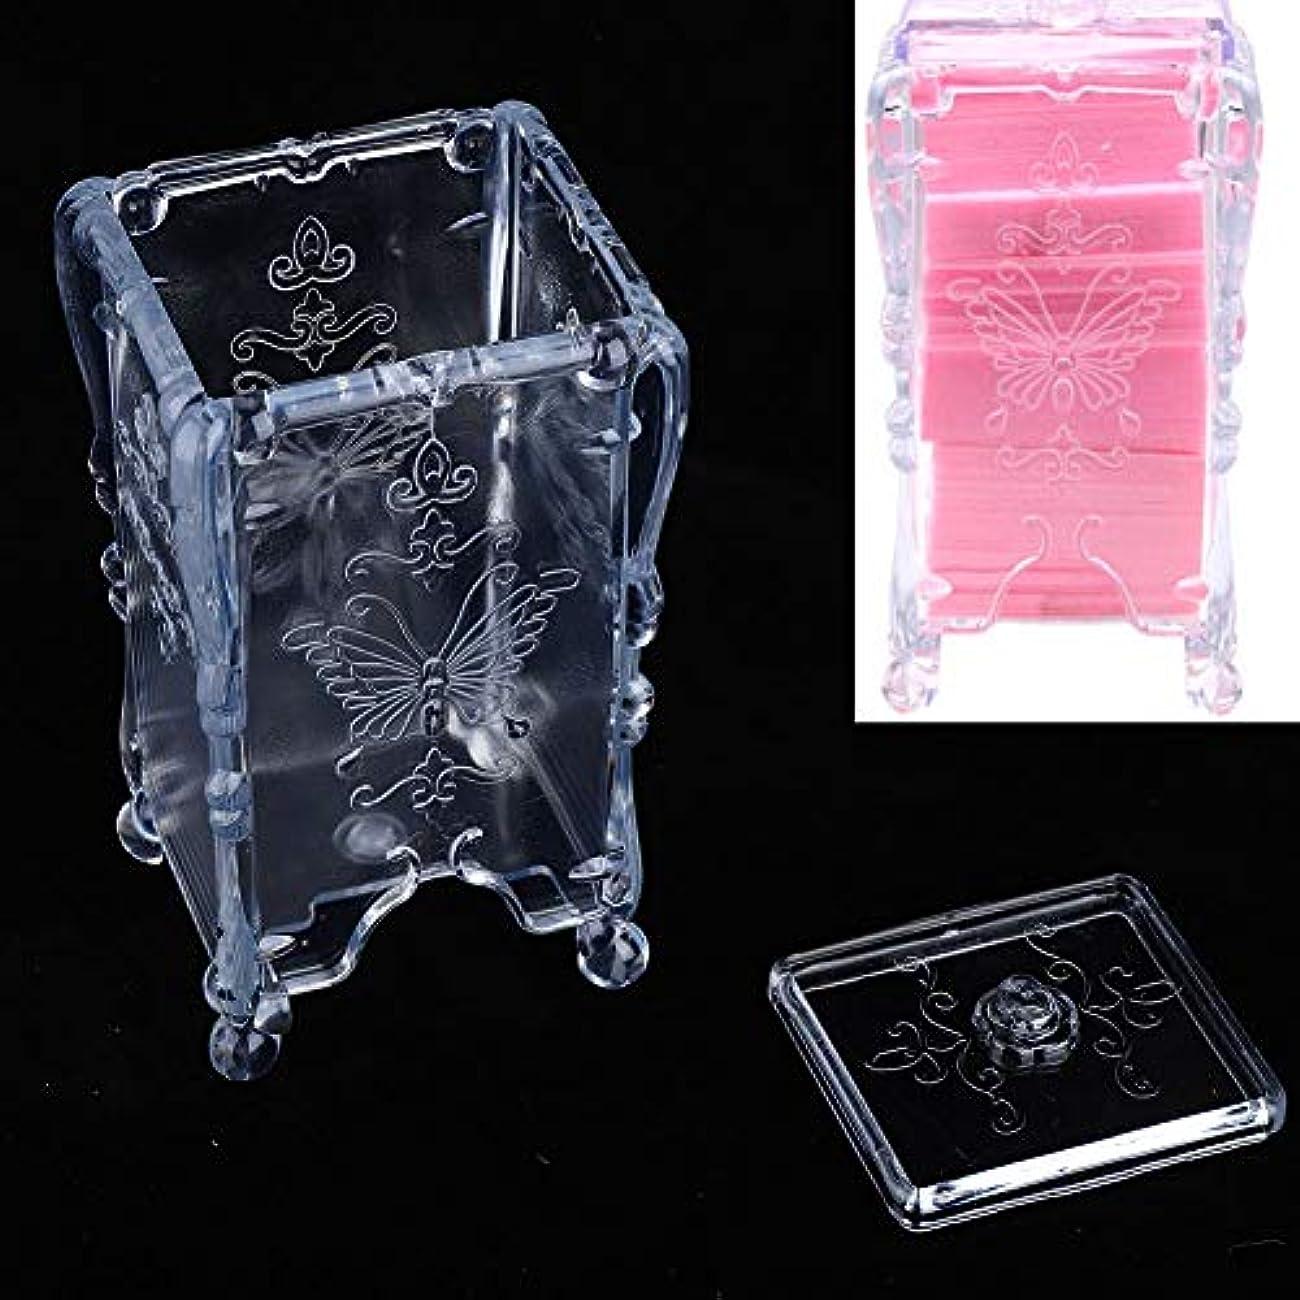 ゲームマーク些細な化粧綿収納ボックス 枕収納ボックス ネイルスワブリムーバー、化粧品オーガナイザー(透明)